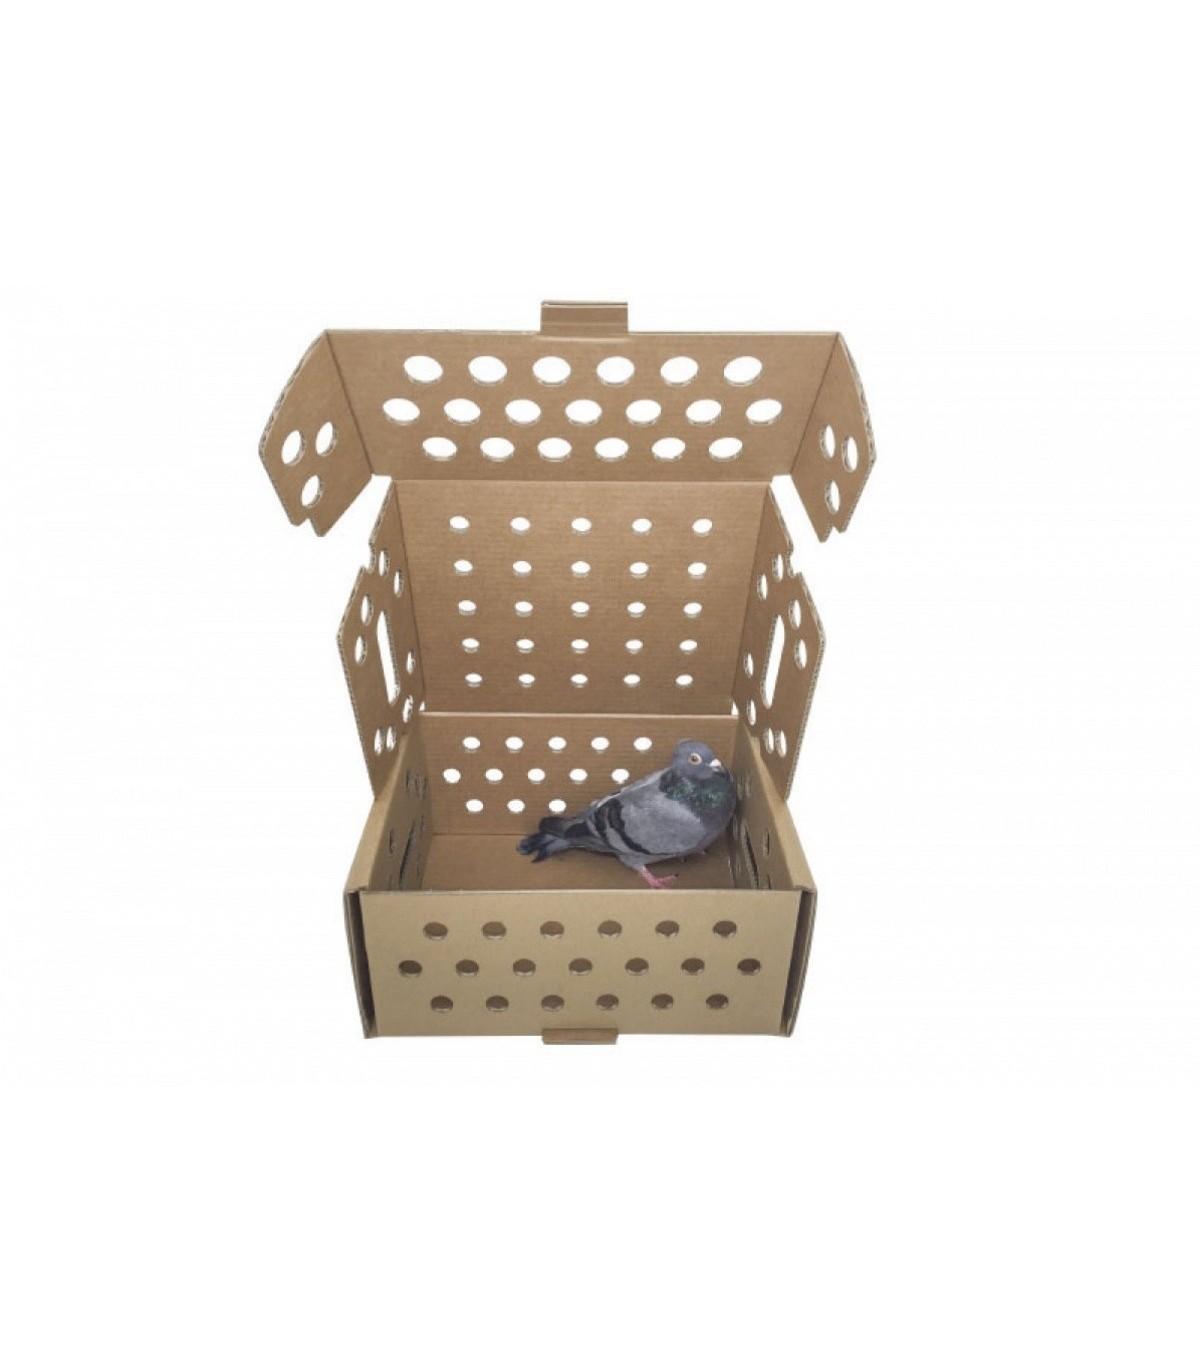 Caja para pequeños animales